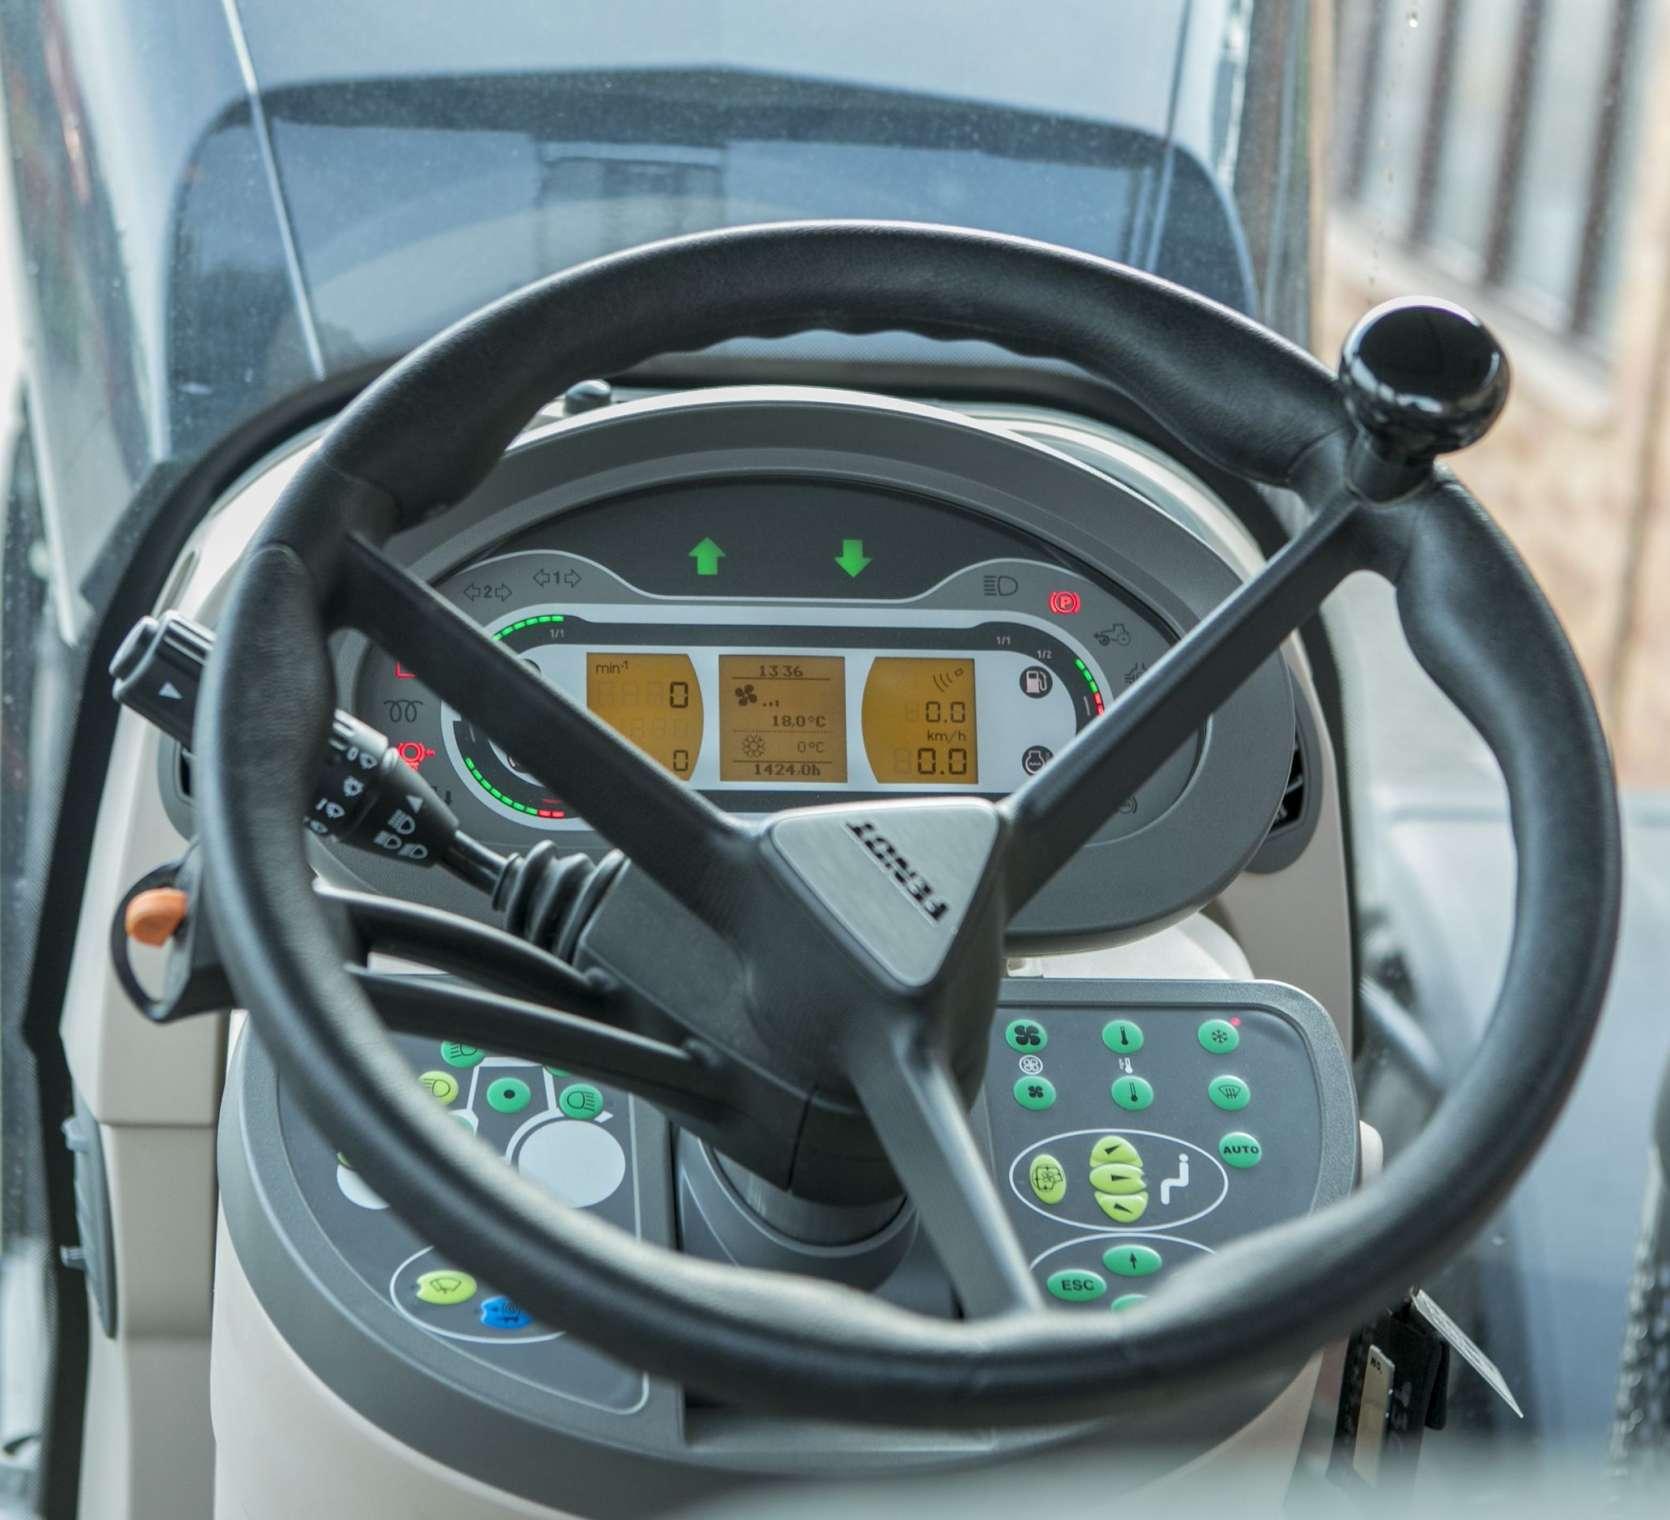 Kierownica ciągnika black beauty - używany Fendt 936 Vario od Korbanek Sp. zo.o.